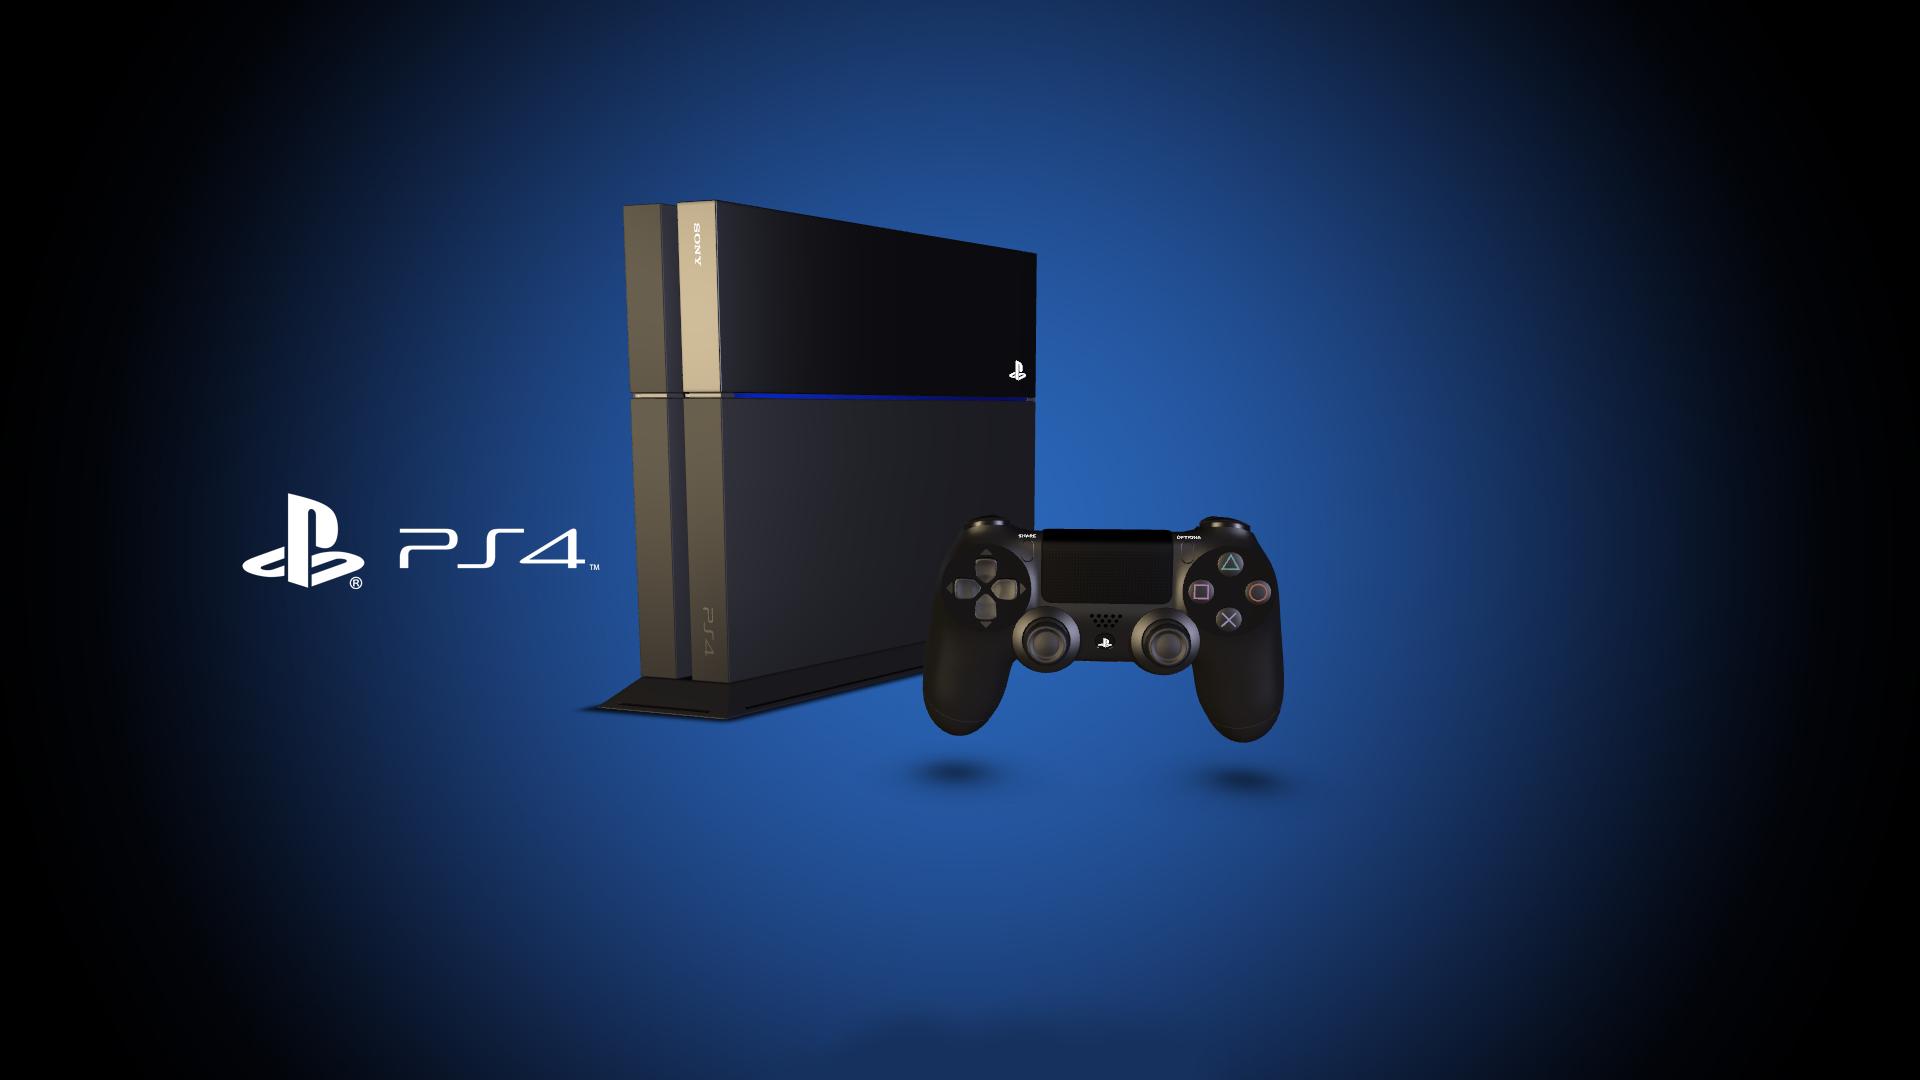 Playstation 4 Wallpaper 31881 - Playstation HD PNG